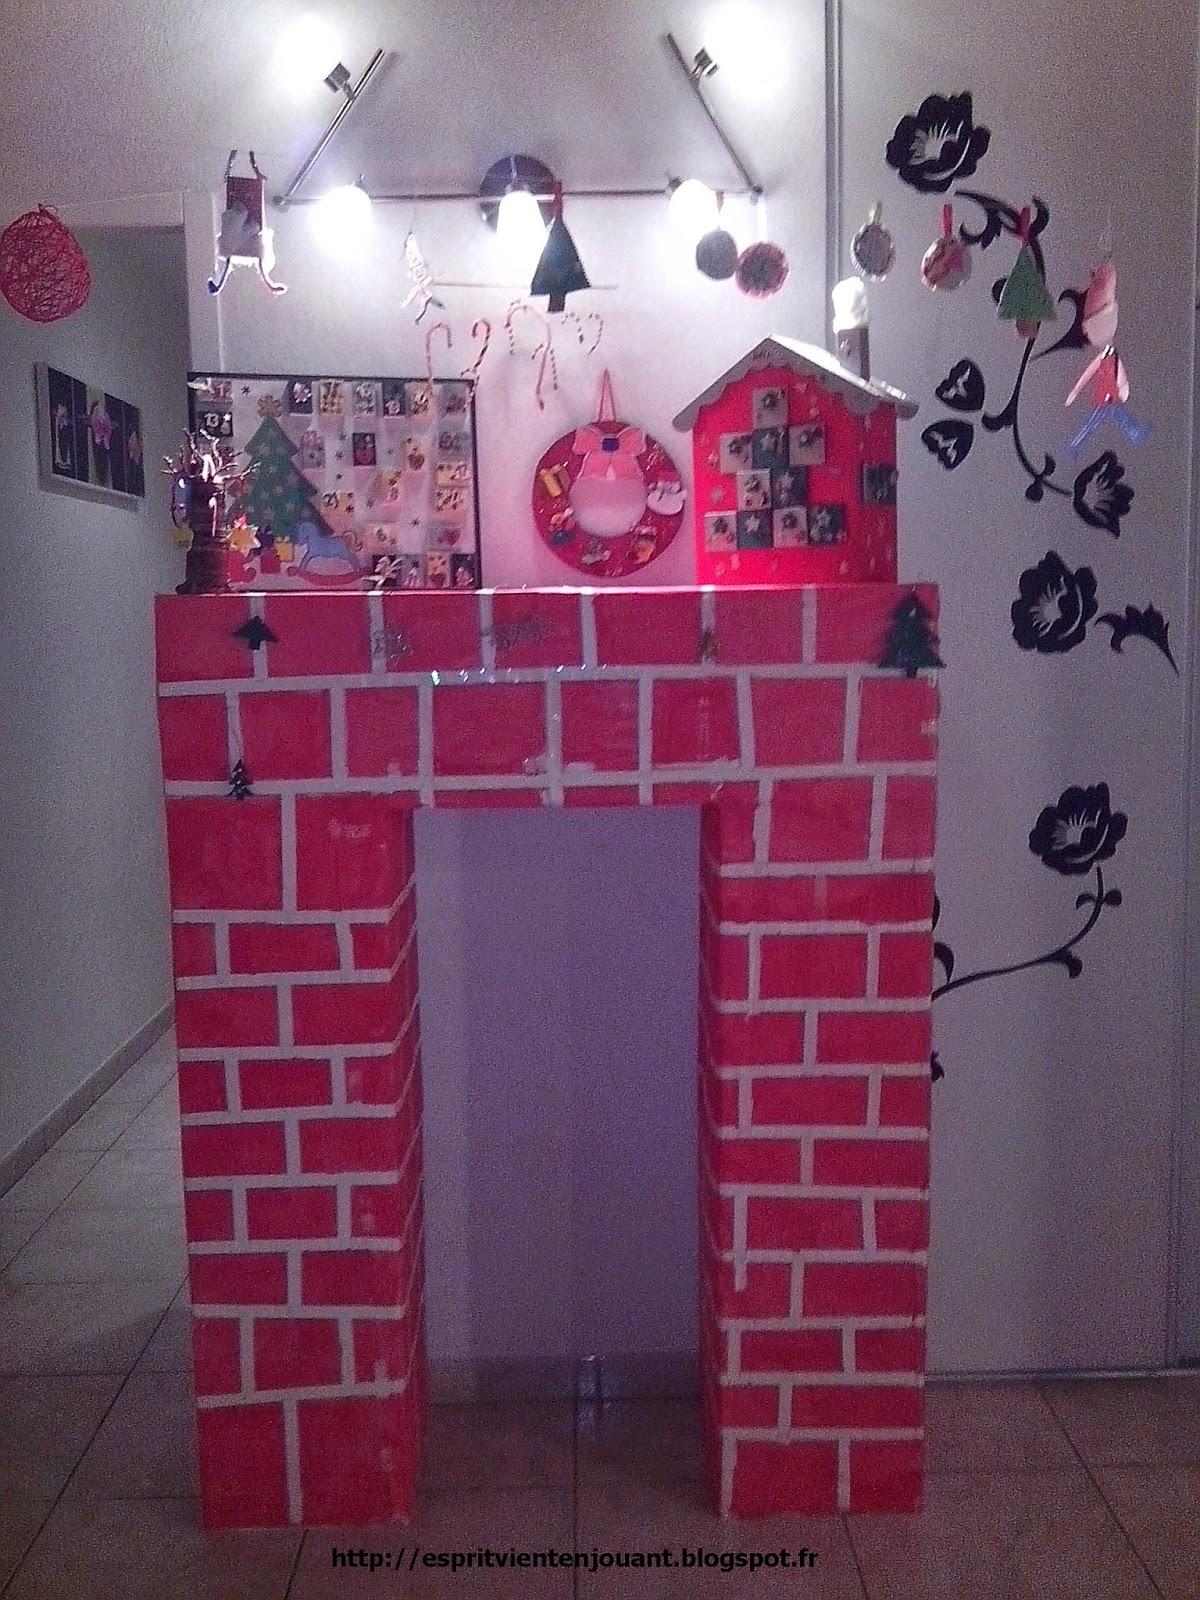 Gut gemocht L'esprit vient en jouant: DIY cheminée en carton (activité de Noël  CQ68